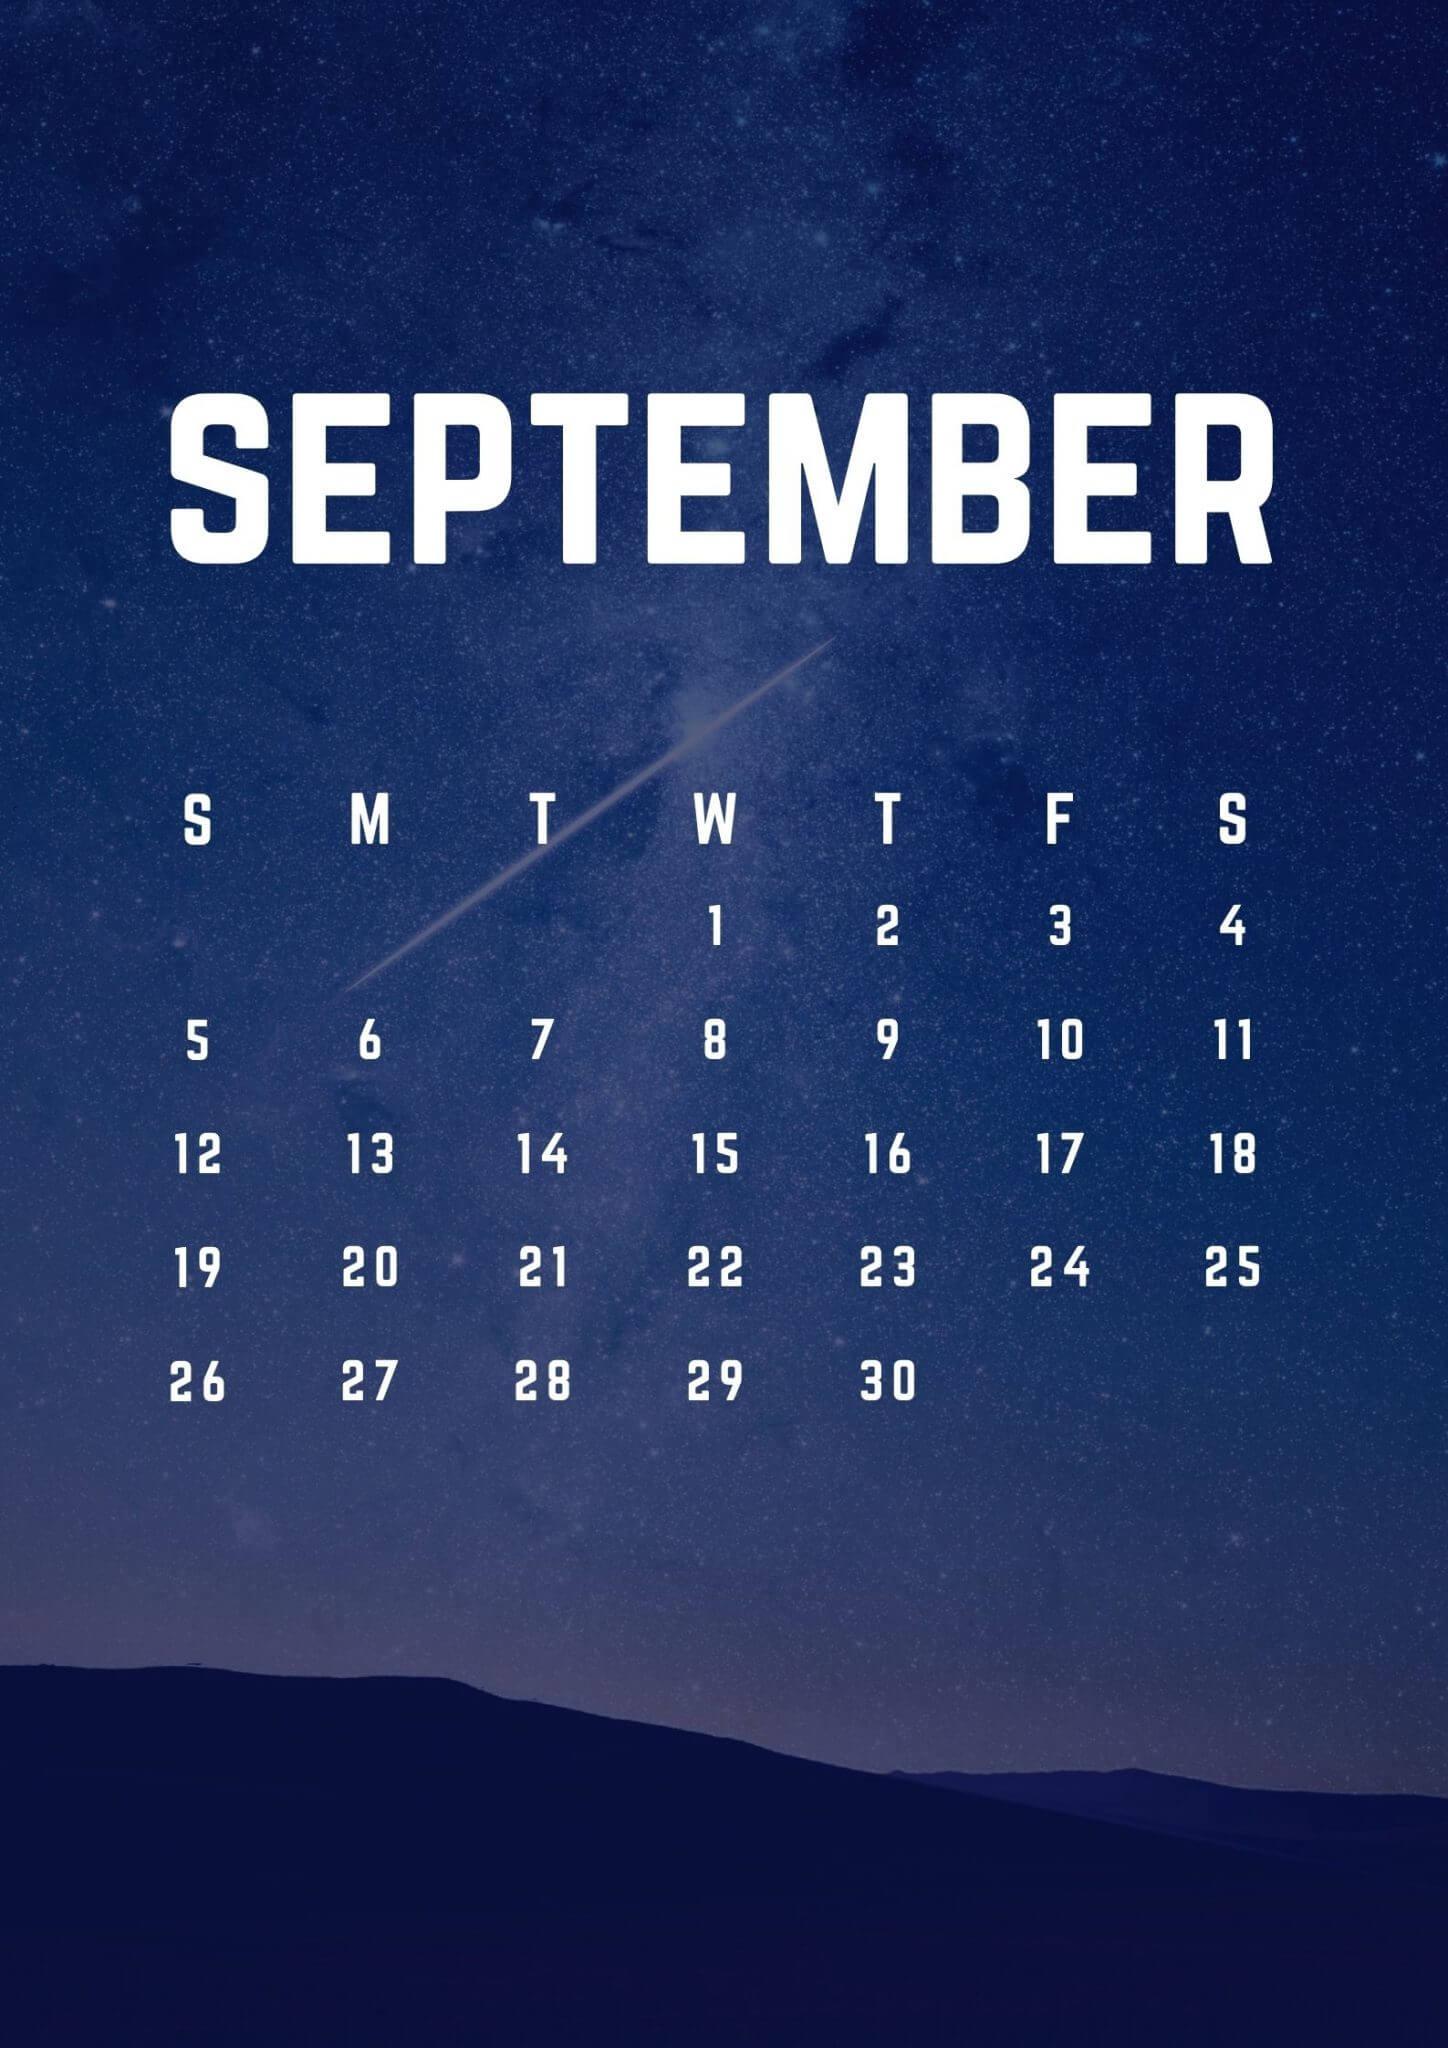 iPhone Calendar Wallpaper September 2021